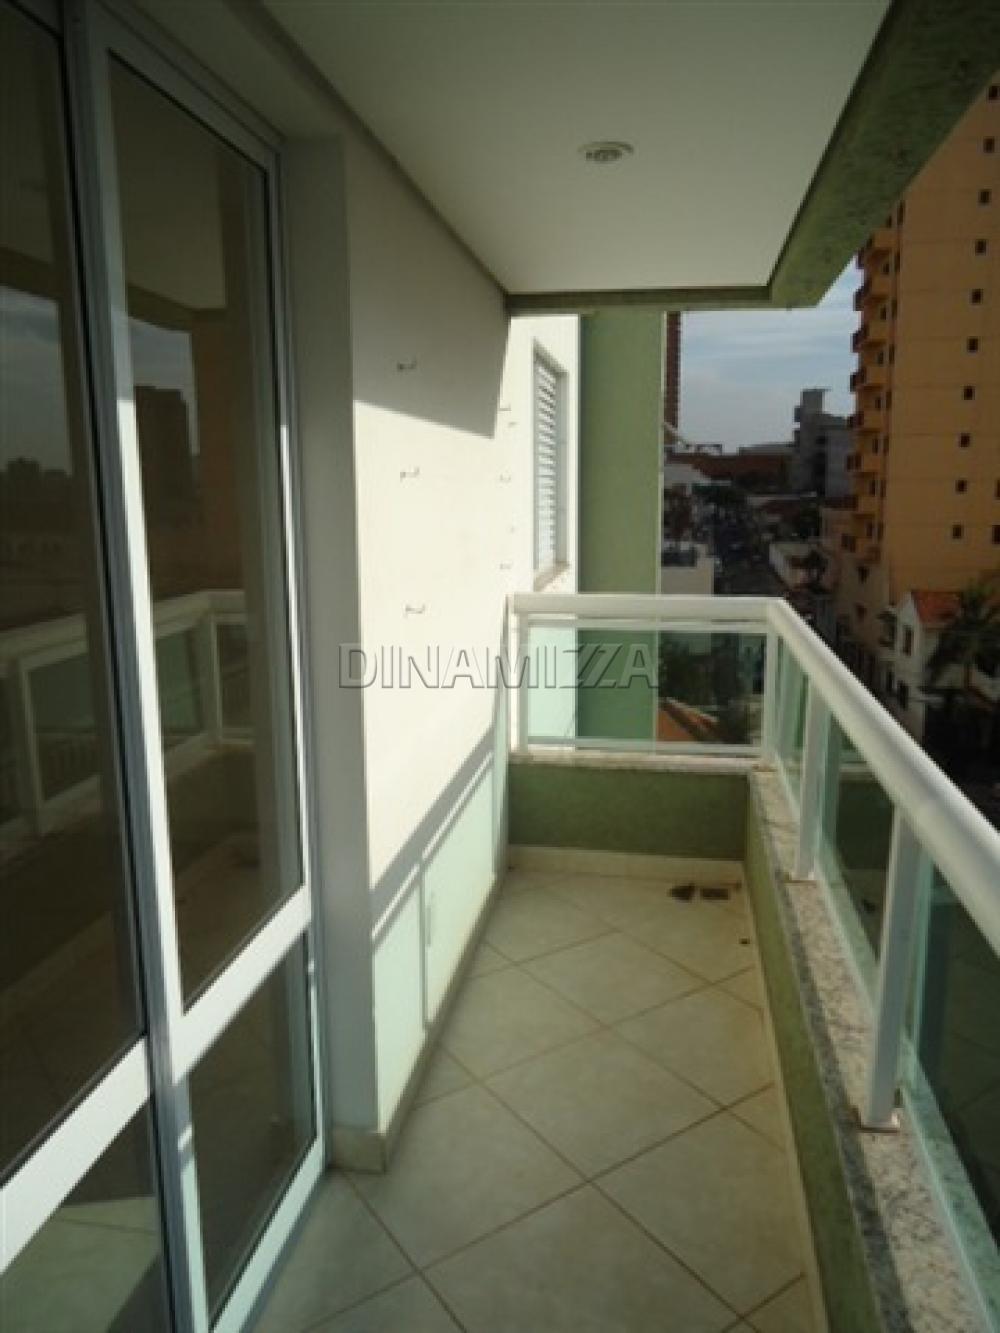 Alugar Apartamento / Padrão em Uberaba apenas R$ 1.200,00 - Foto 4